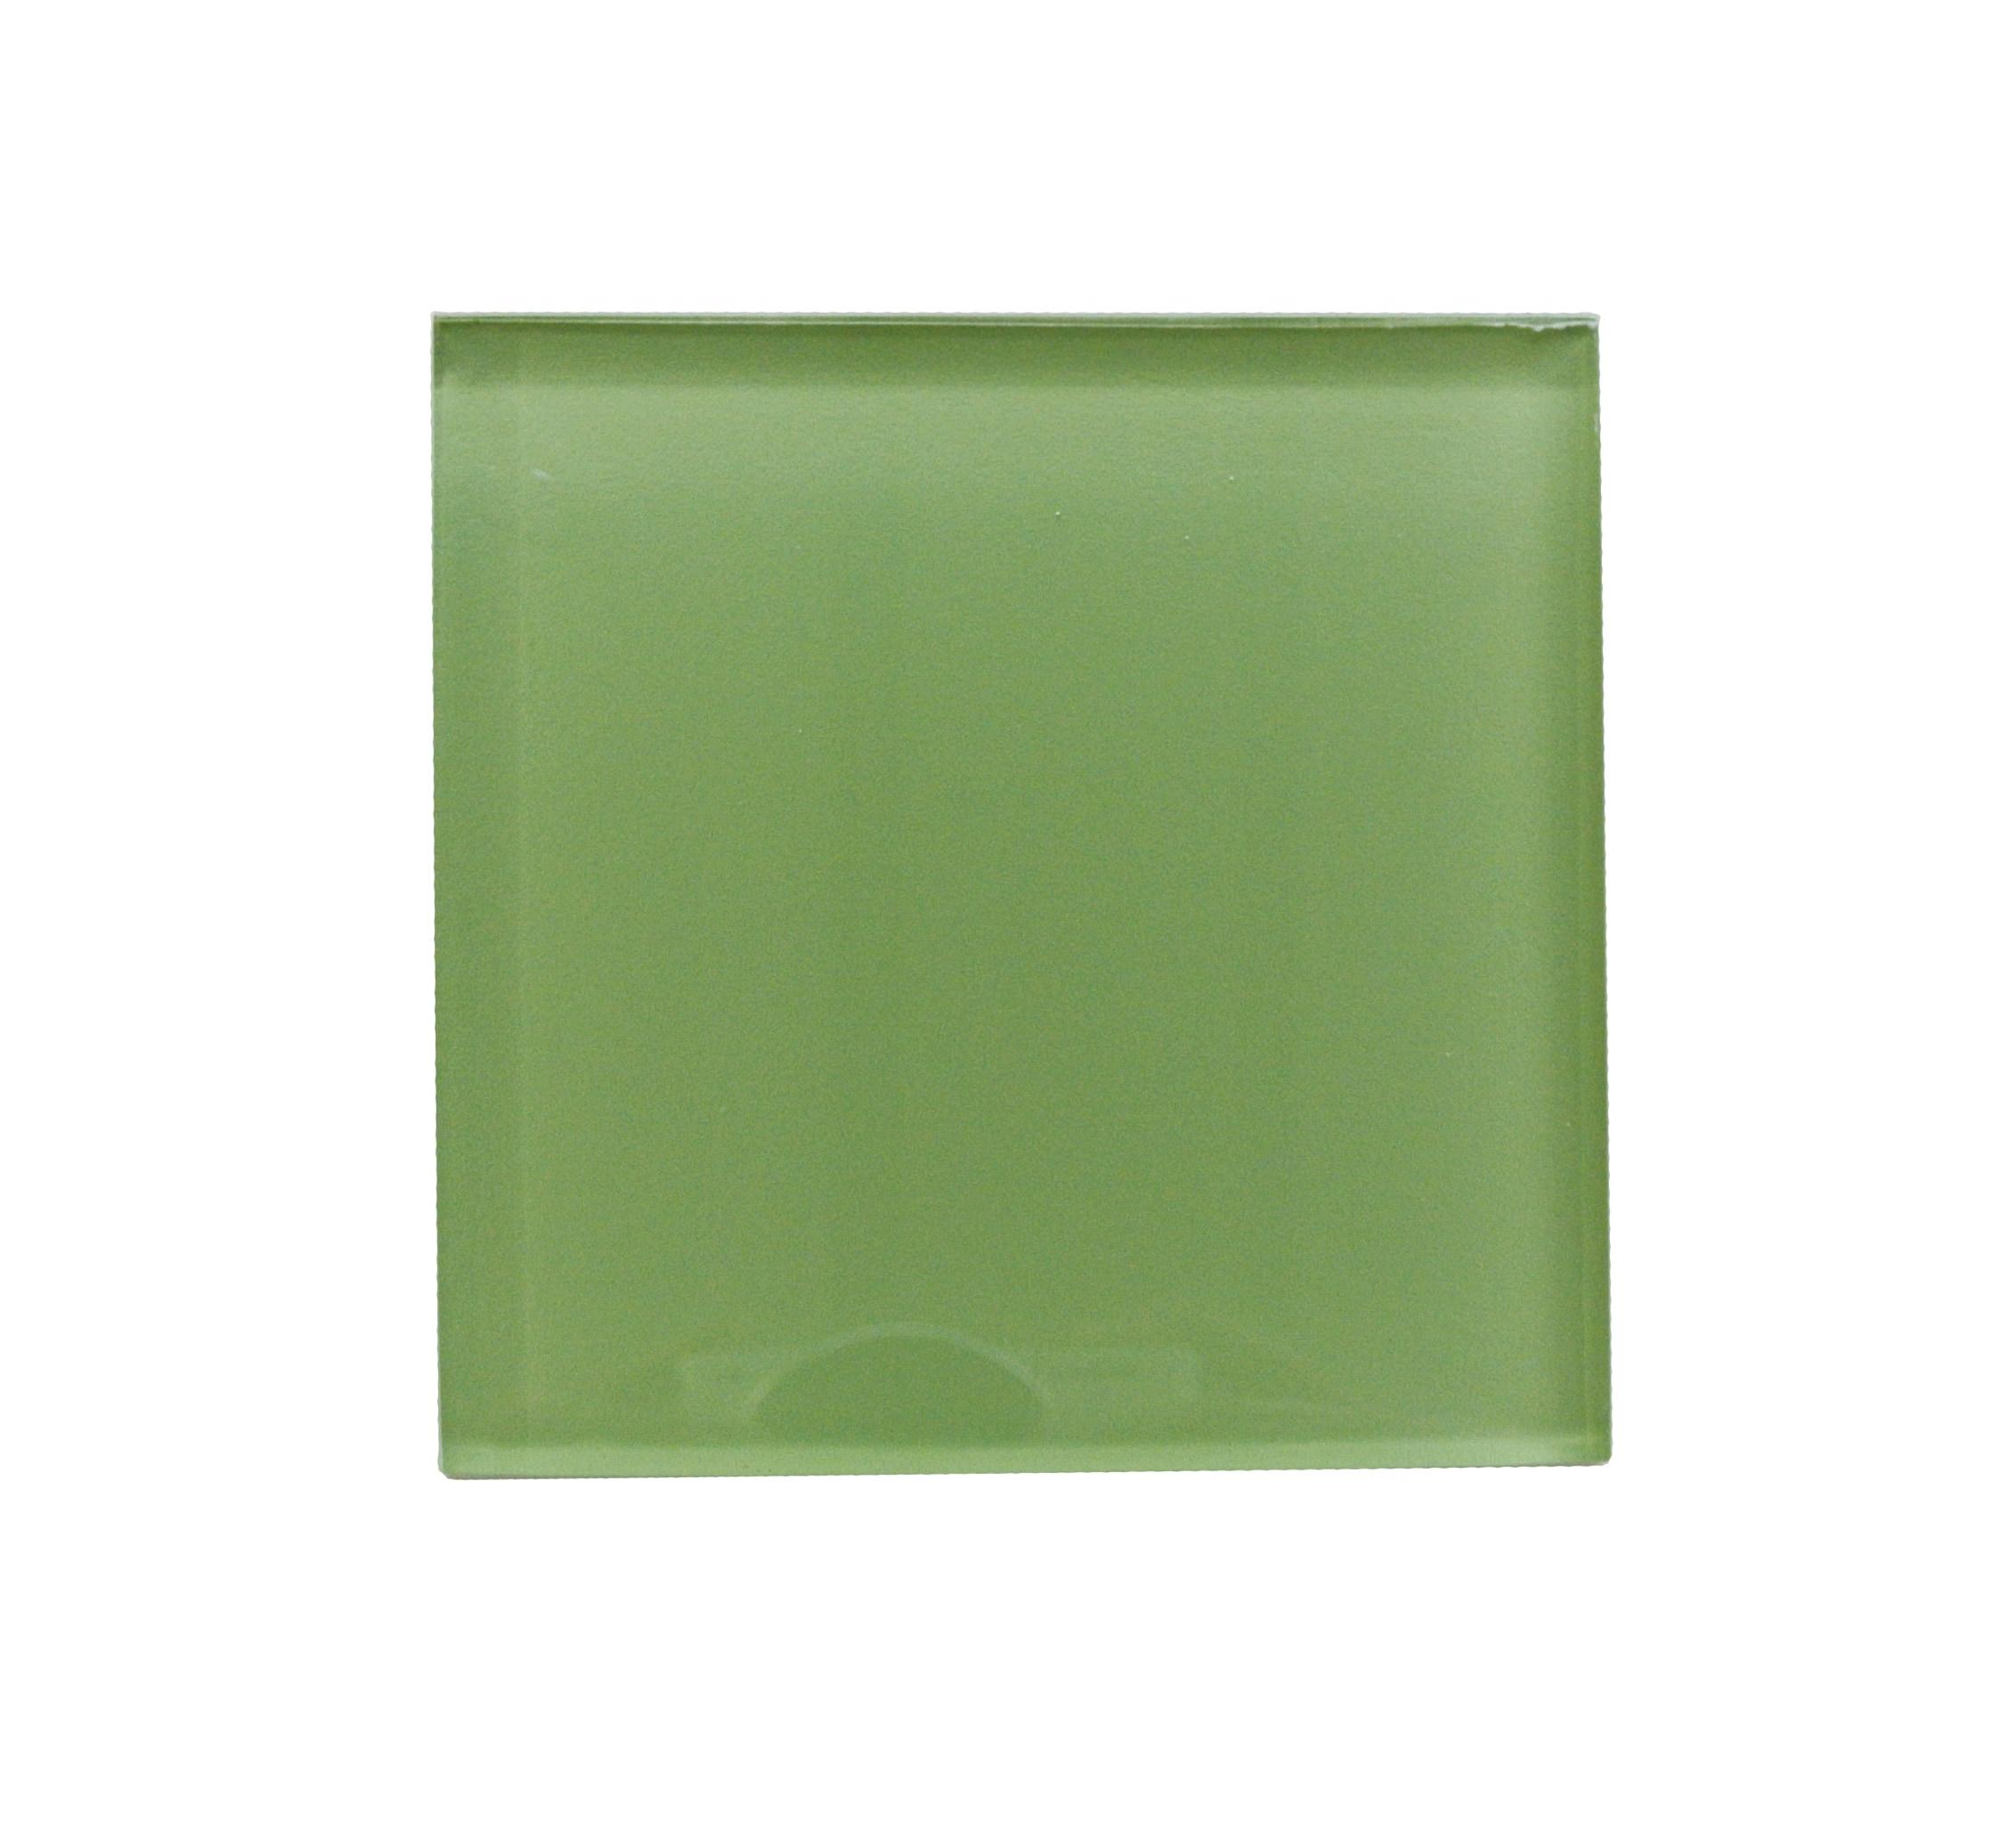 """HI 15 (108x108) - Green Apple / 4""""x4"""" Autunno HI 0"""